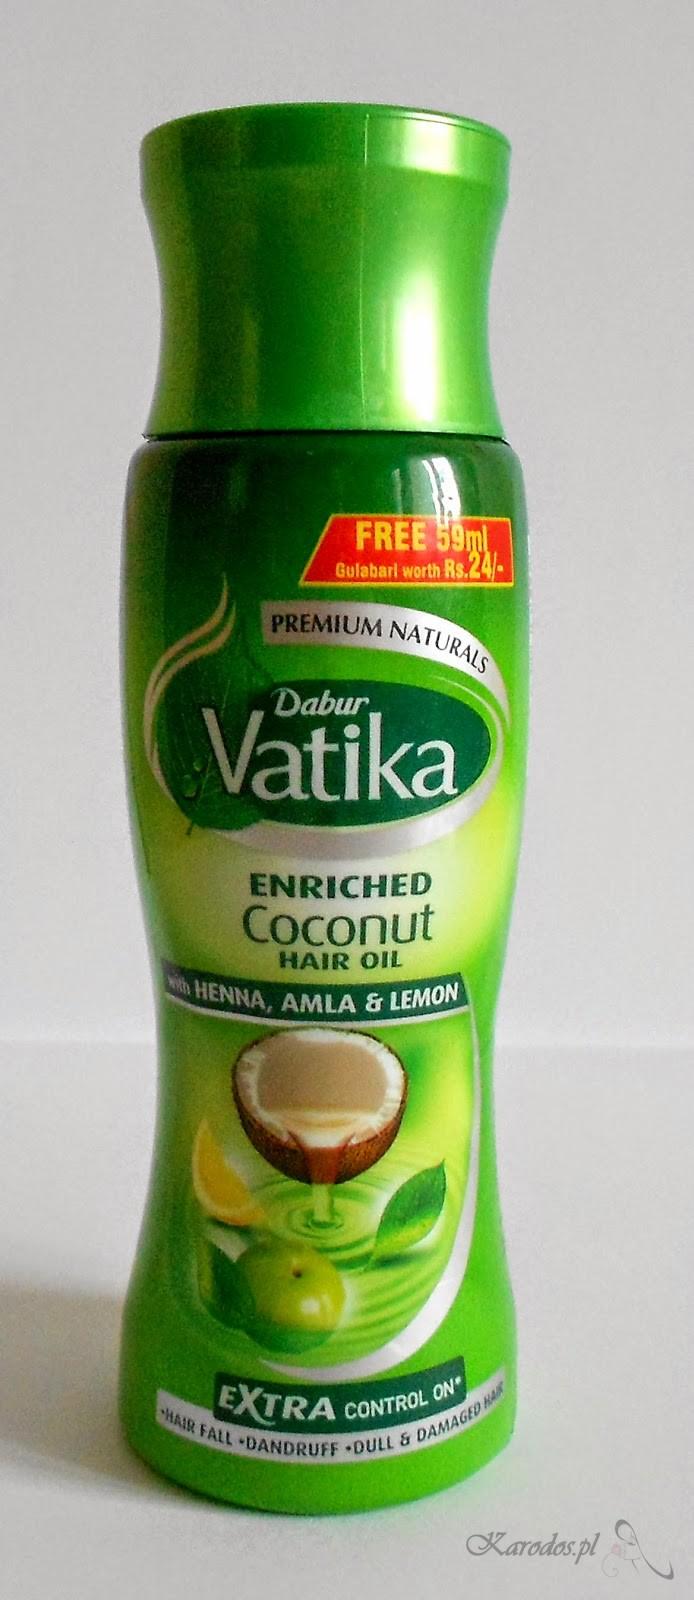 Dabur, Vatika, Olejek kokosowy do włosów